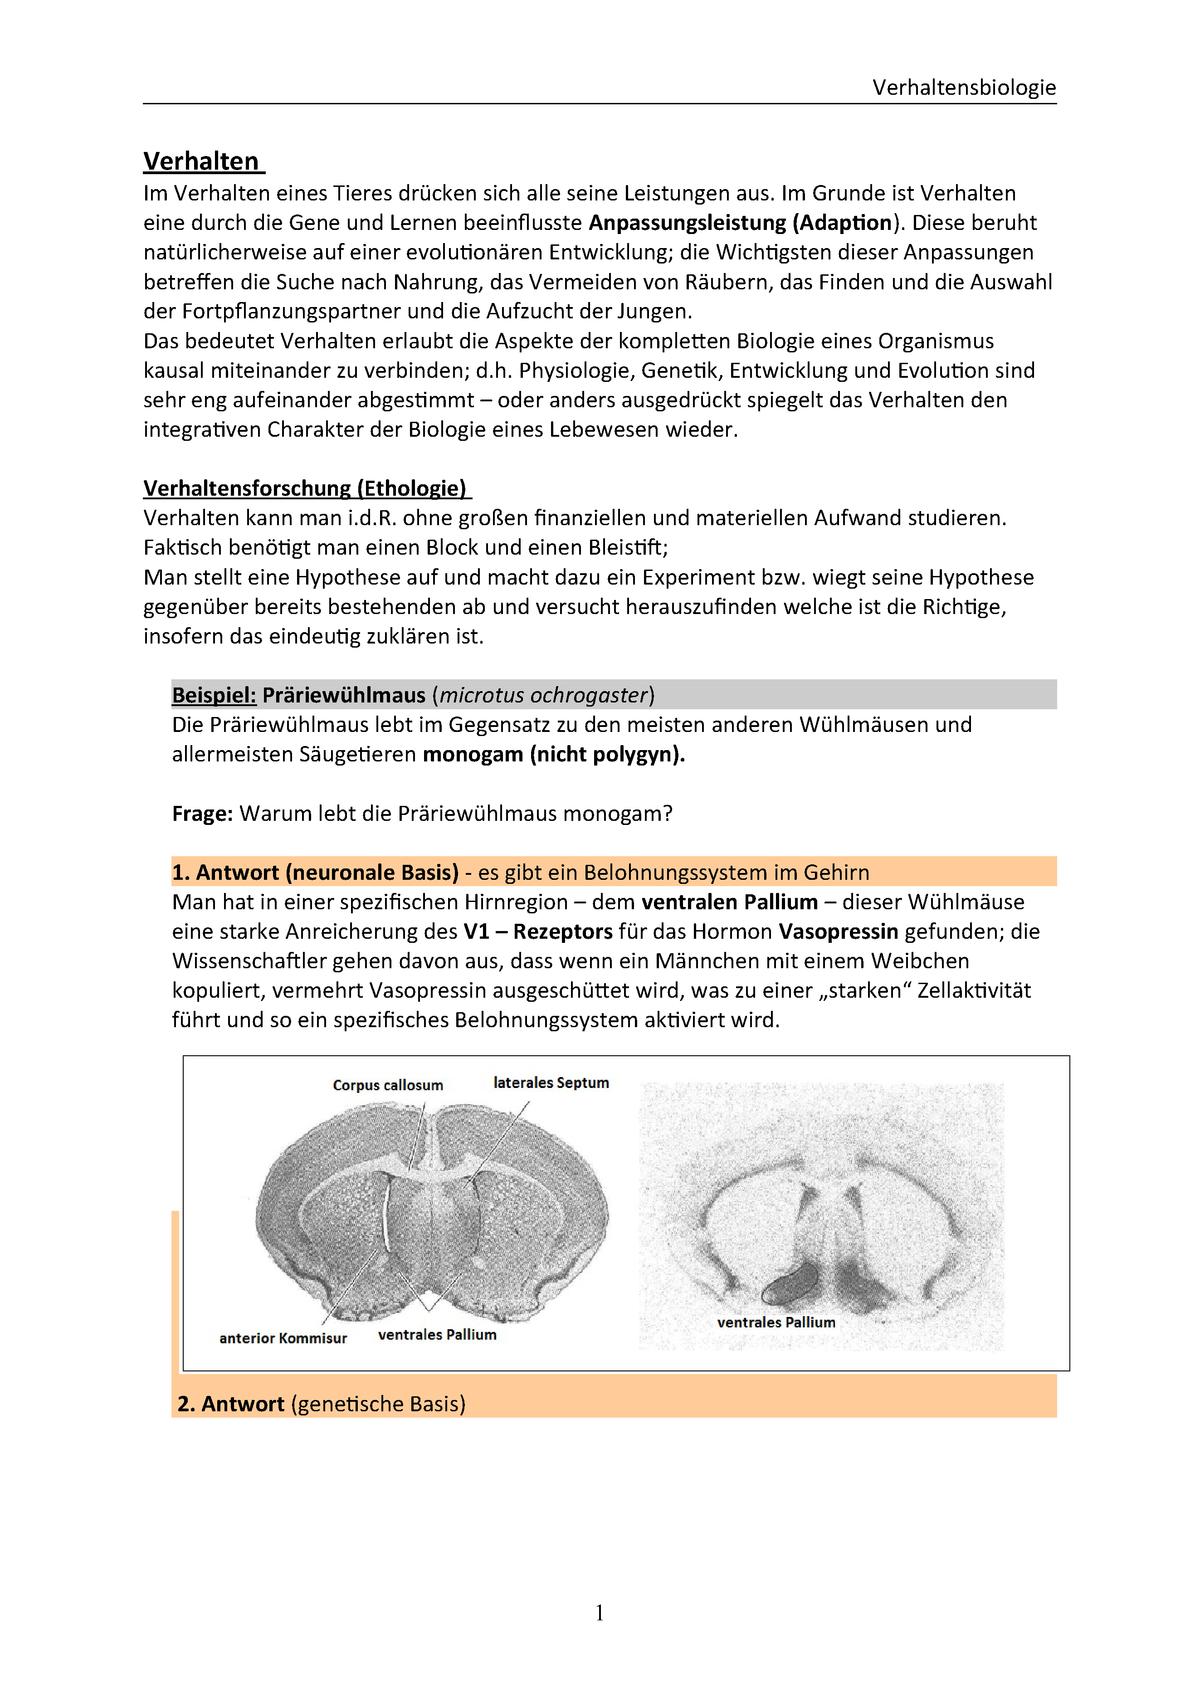 Verhalten - Teil-1 - Zusammenfassung + Mitschriften - StuDocu